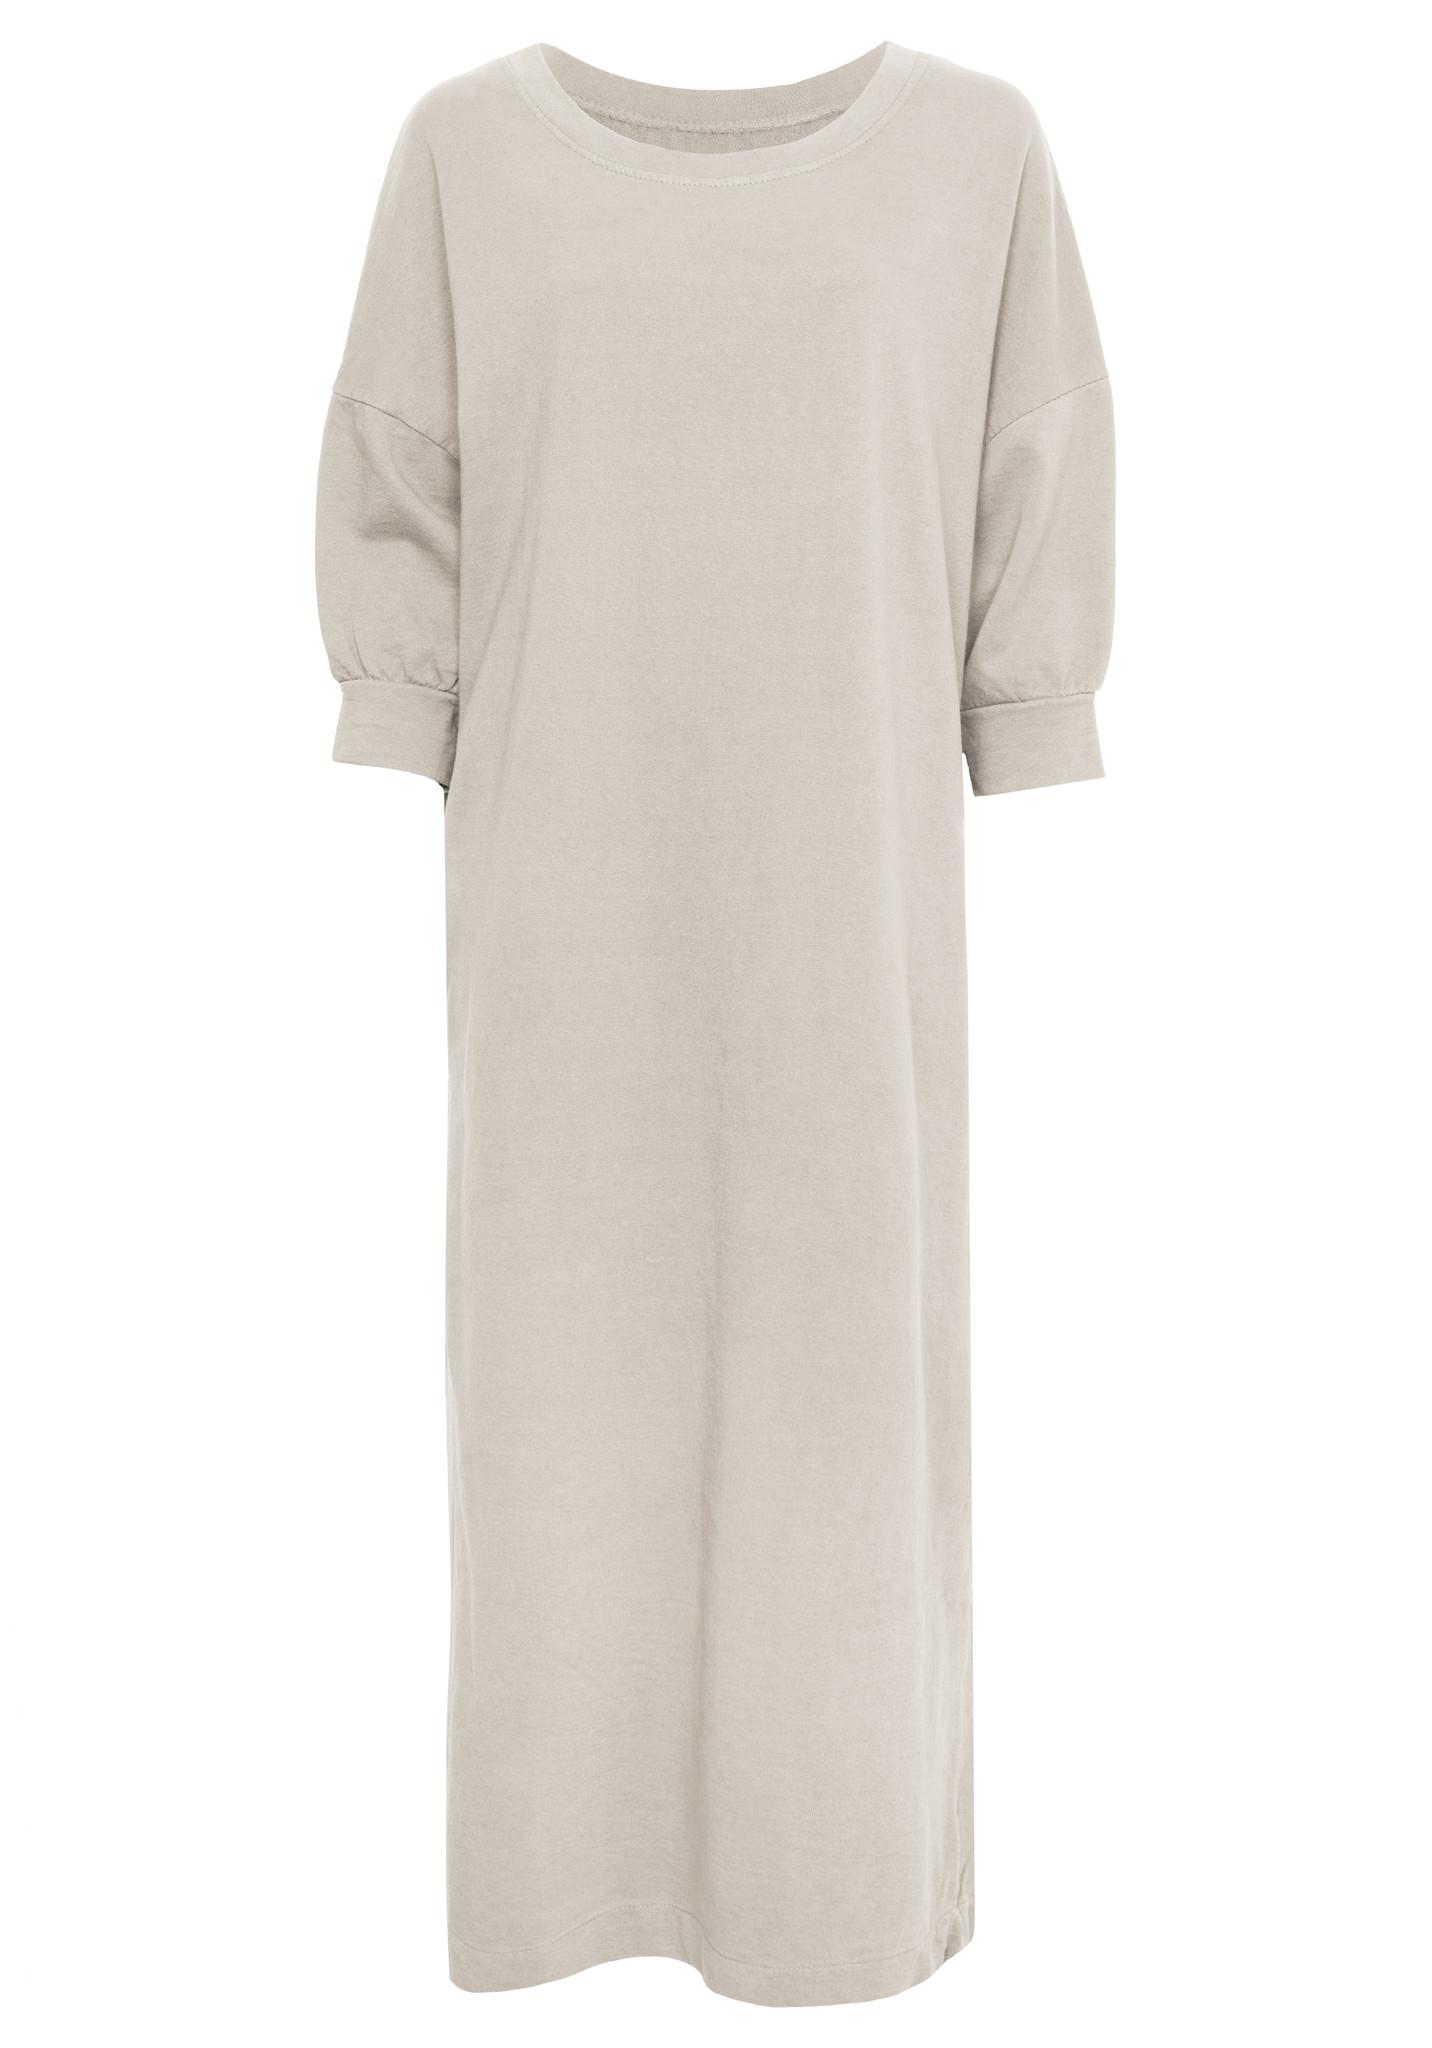 Gary Sweat Dress